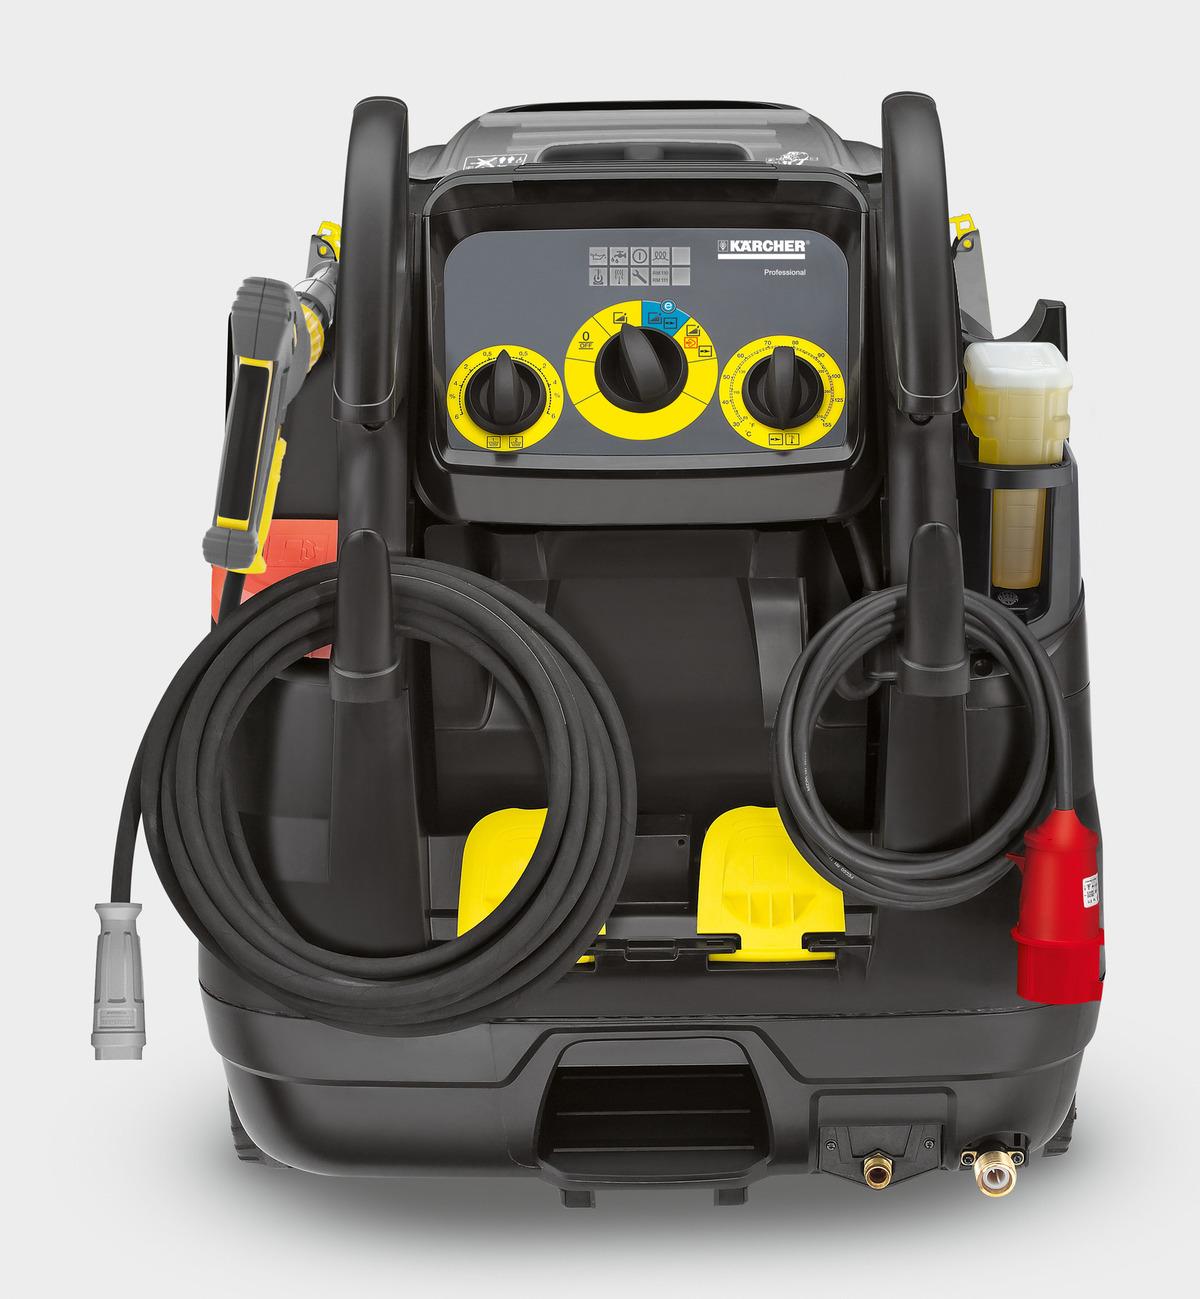 High pressure washer HDS 7/10-4 M on panasonic wiring diagram, general wiring diagram, toshiba wiring diagram, viking wiring diagram, braun wiring diagram, hunter wiring diagram, mi-t-m wiring diagram, harris wiring diagram, tennant wiring diagram, simplicity wiring diagram, lincoln wiring diagram, john deere wiring diagram, echo wiring diagram, dremel wiring diagram, taylor wiring diagram, metabo wiring diagram, ge wiring diagram, krups wiring diagram, coleman wiring diagram, toro wiring diagram,